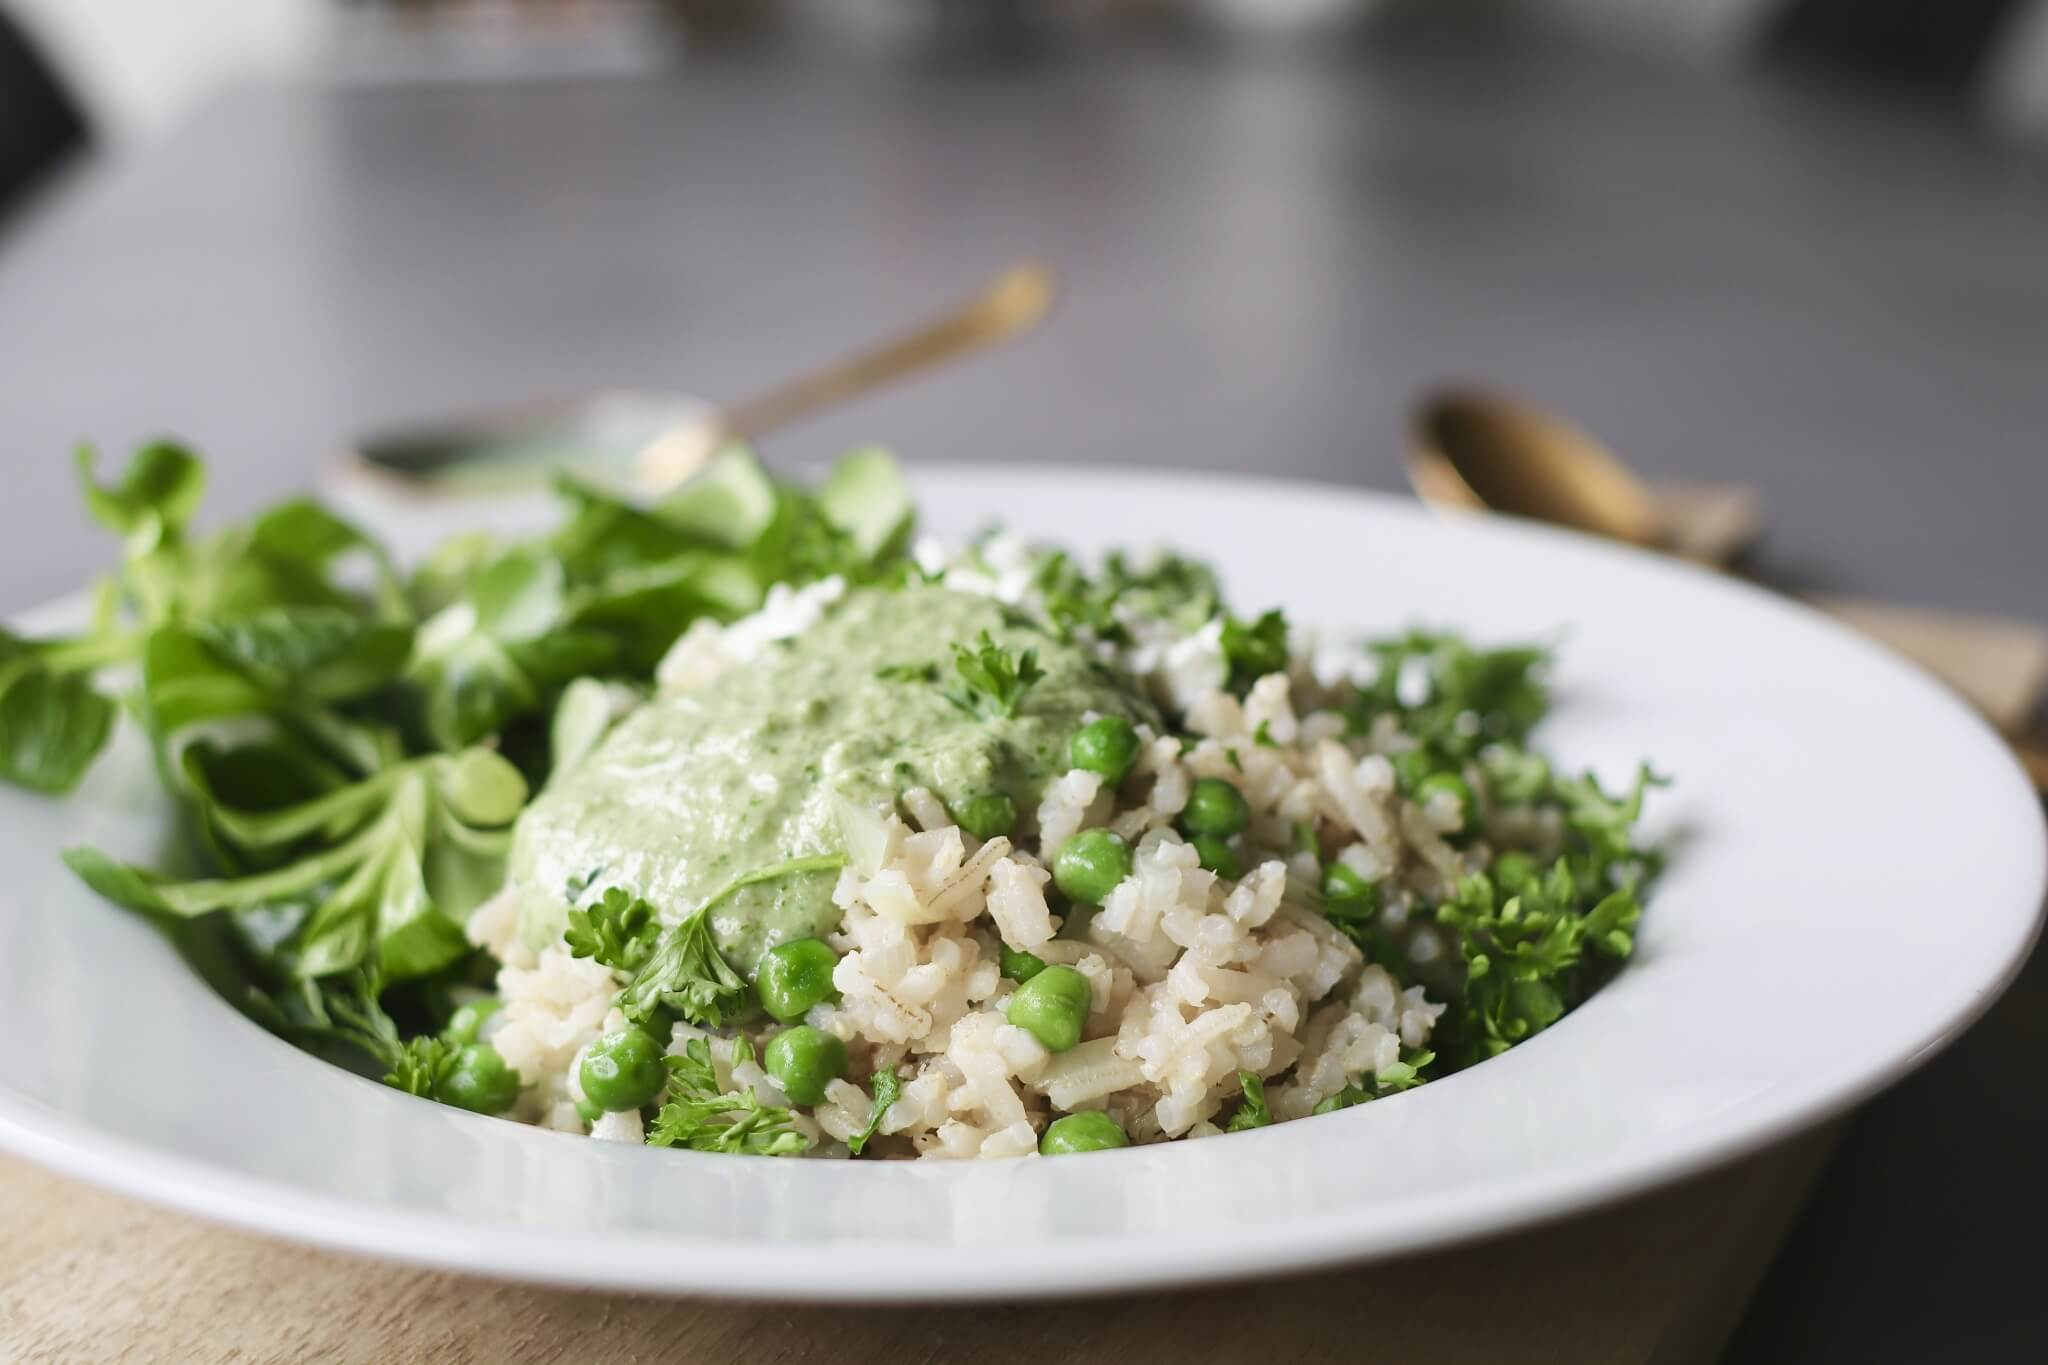 Groene pesto risotto met Hüttenkäse, Gezonde risotto recepten, Gezonde foodblogs, Gezonde avondmaaltijden, Slanke avondmaaltijden, Risotto doperwten